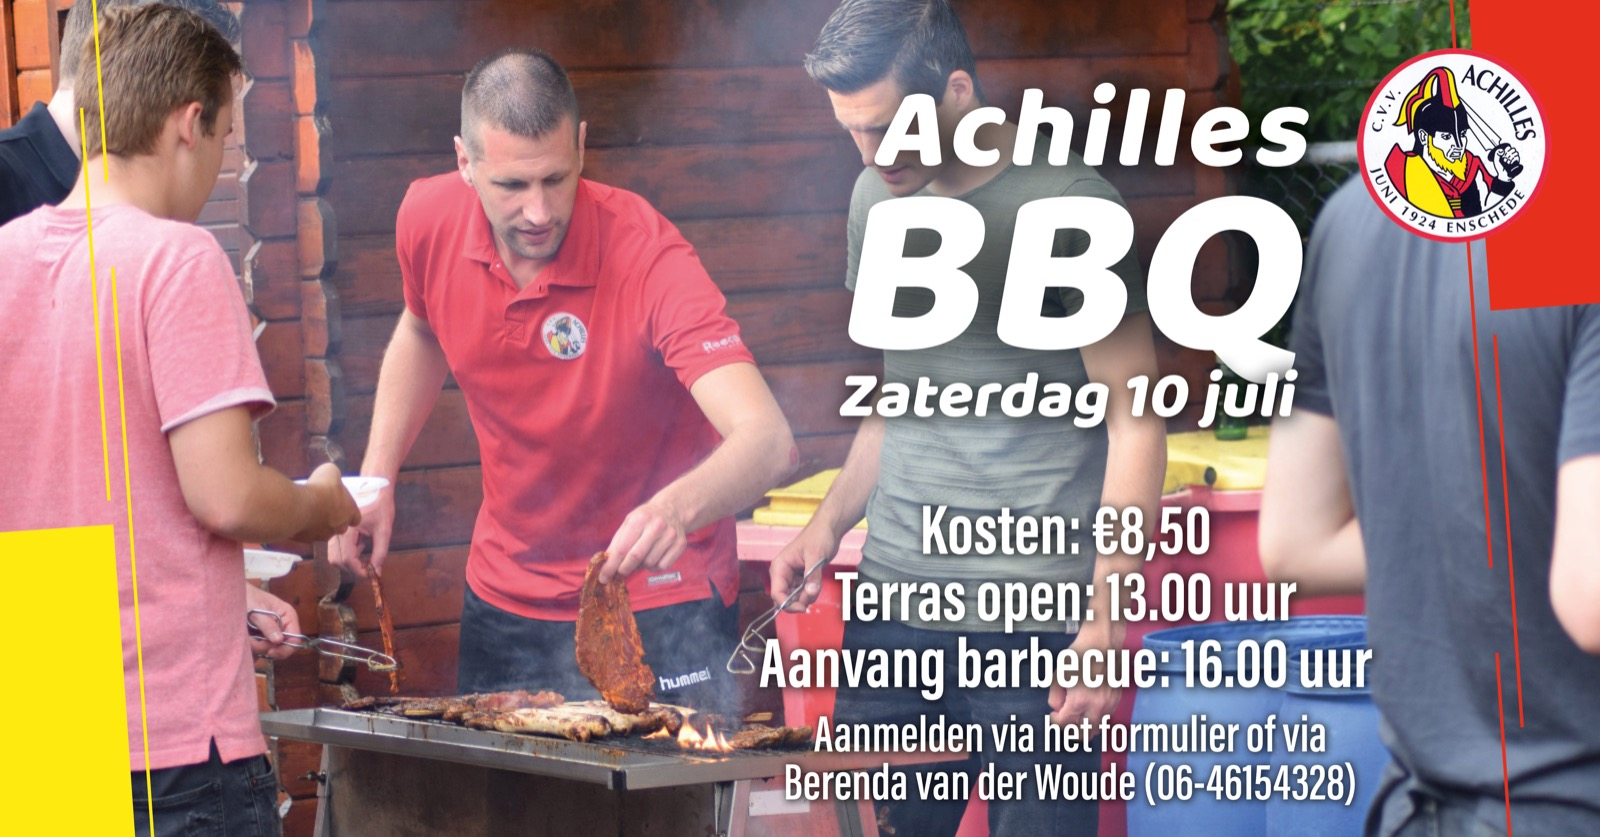 Meld je aan voor de Achilles BBQ van zaterdag 10 juli!